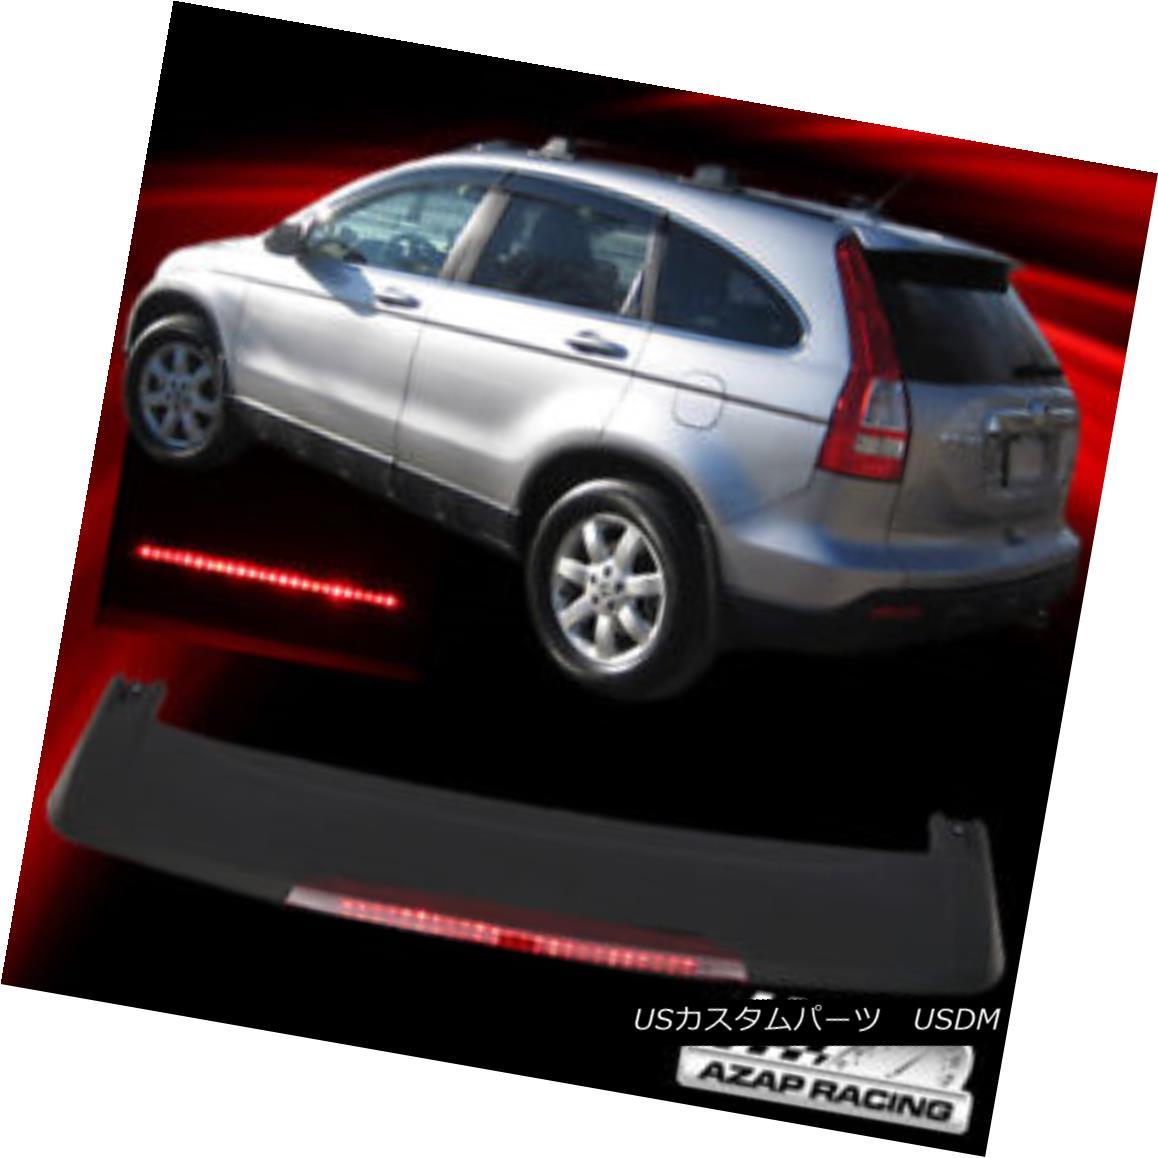 エアロパーツ 07-11 ABS Matte Black Rear Trunk Spoiler Wing With LED brake lamp Fits Honda CRV 07-11 ABSマットブラックリアタンクスポイラーウィングLEDブレーキランプ付きホンダCRVに適合